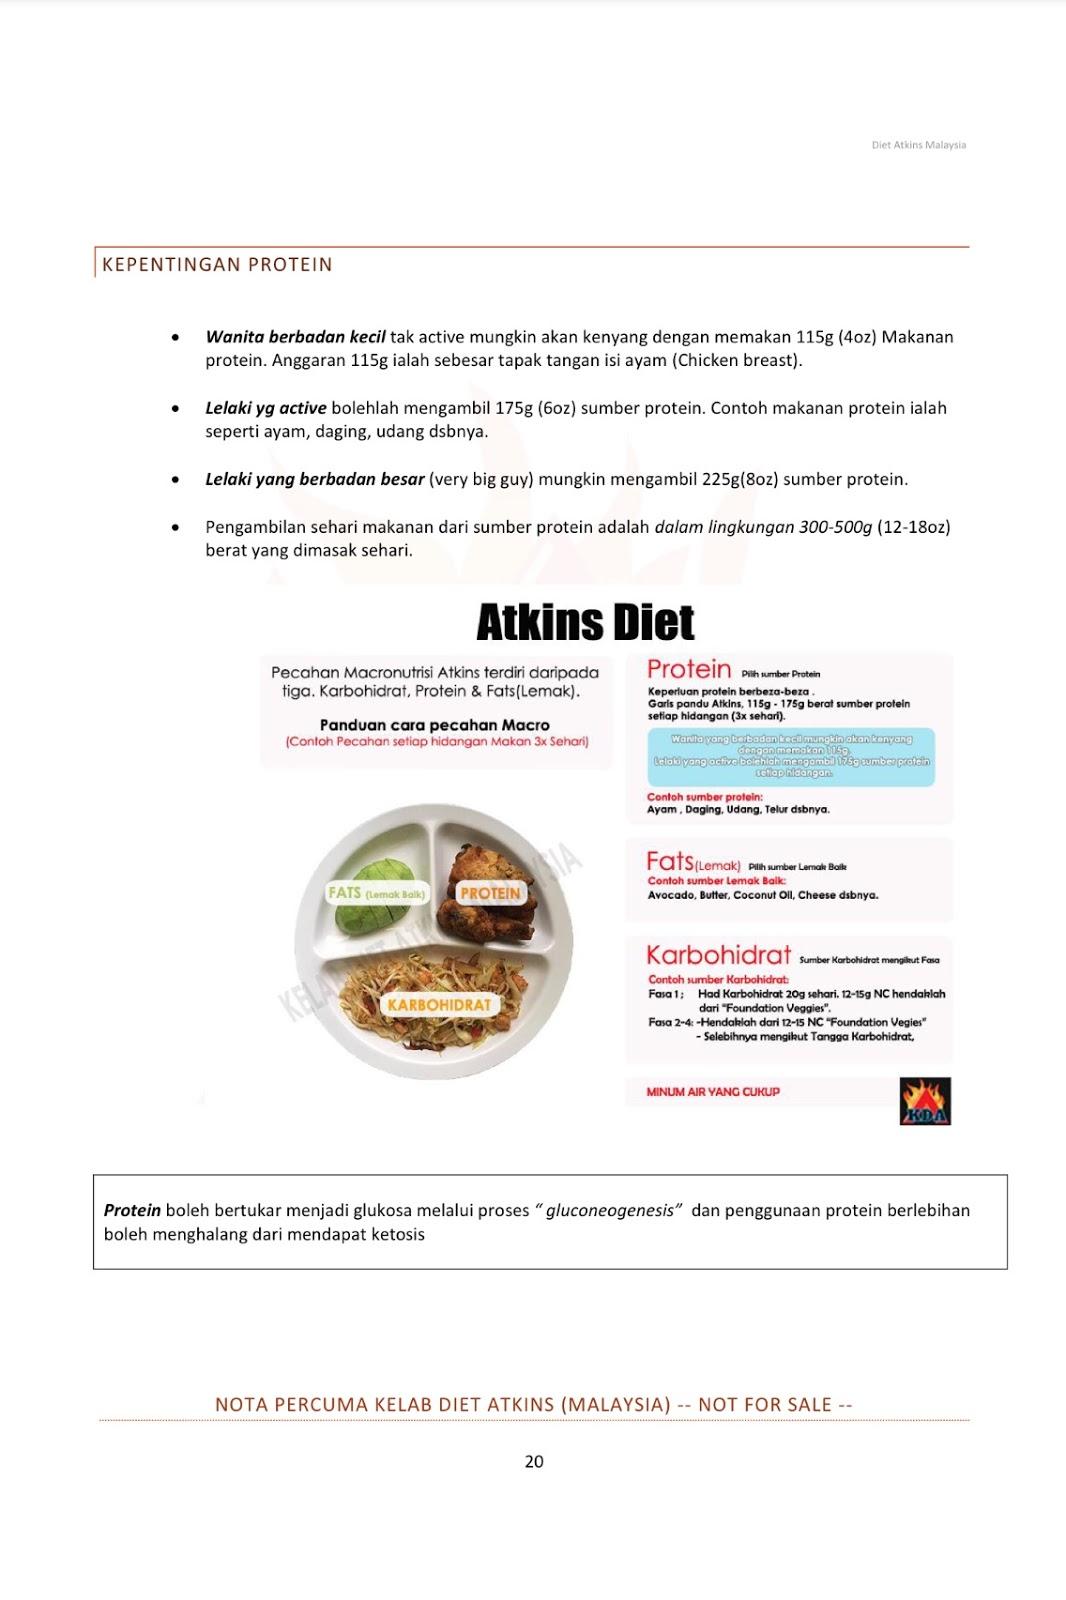 10 Cara Diet Untuk Anak Obesitas Aman Dilakukan